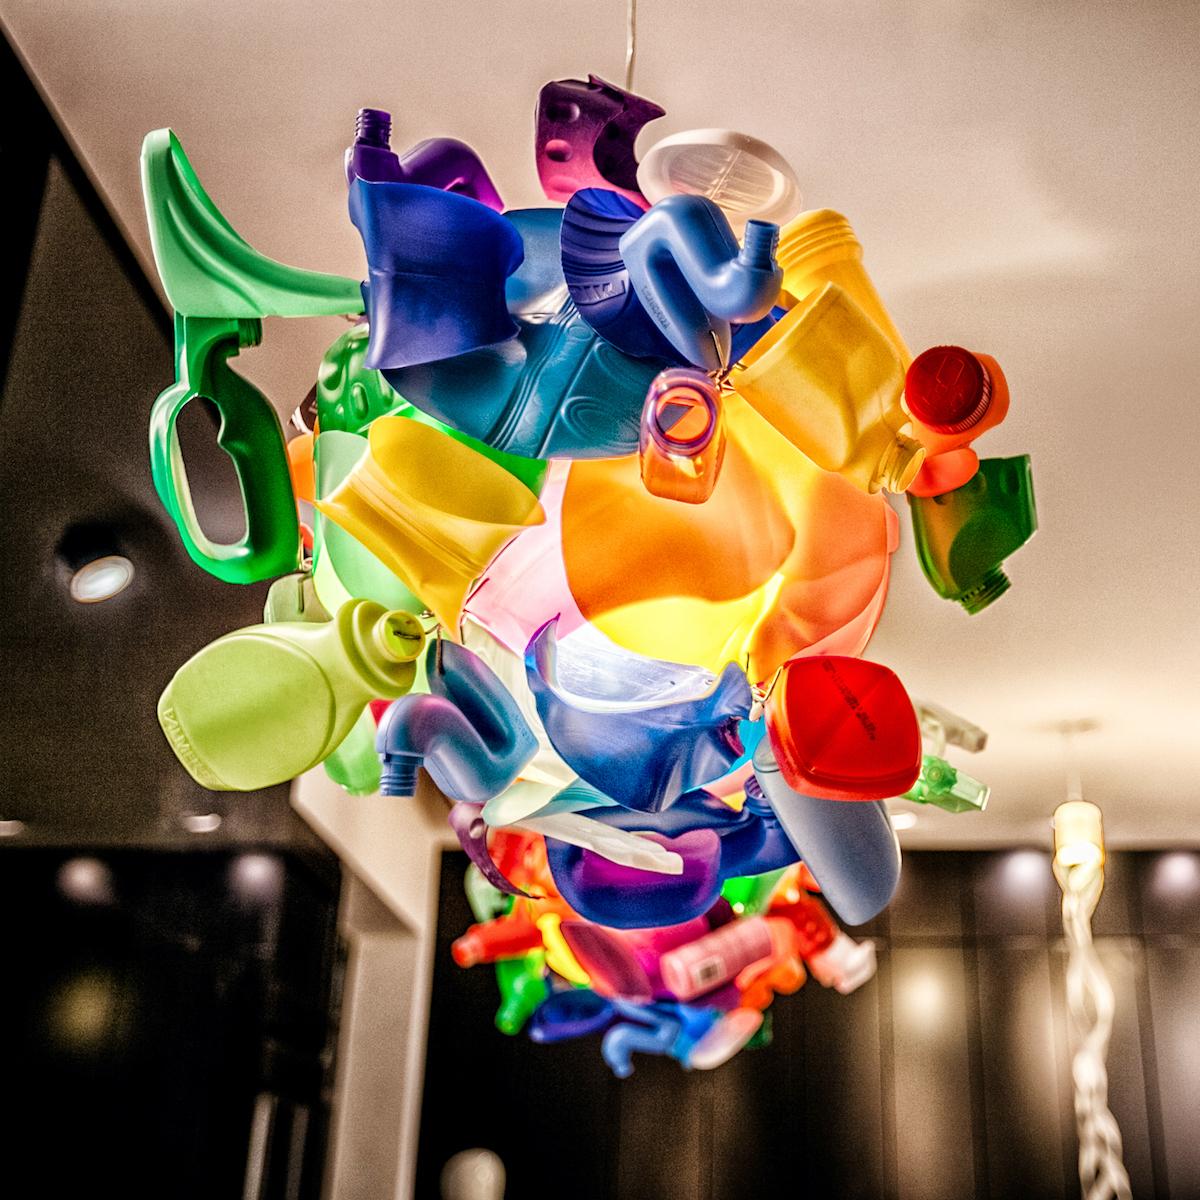 NOH NEE München Lampenskulptur Trash